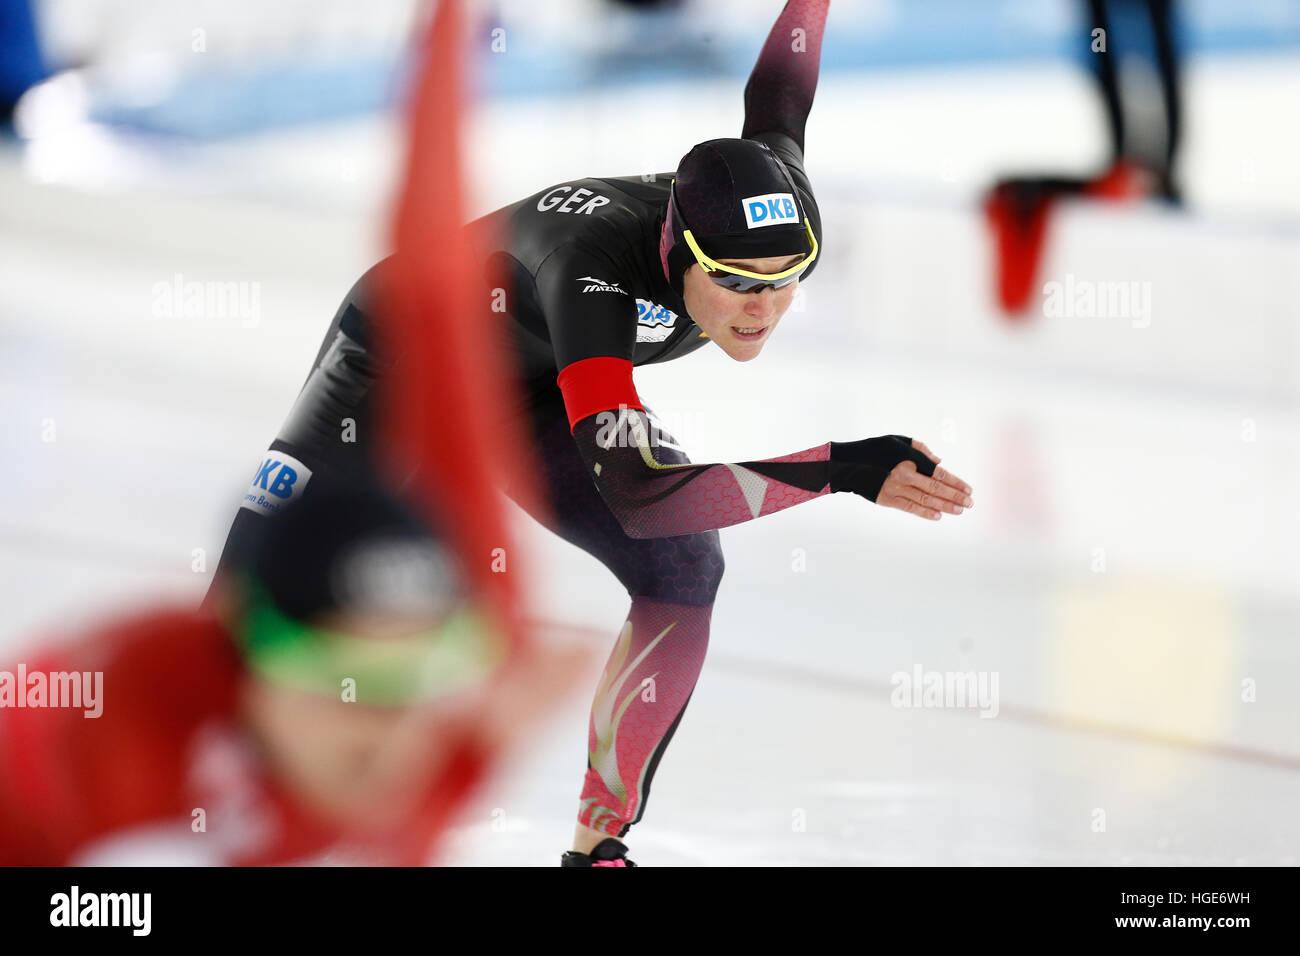 Velocità tedesco skater Gabriele Hirschbichler in azione durante la donna sprint/multi evento presso il pattinaggio Immagini Stock